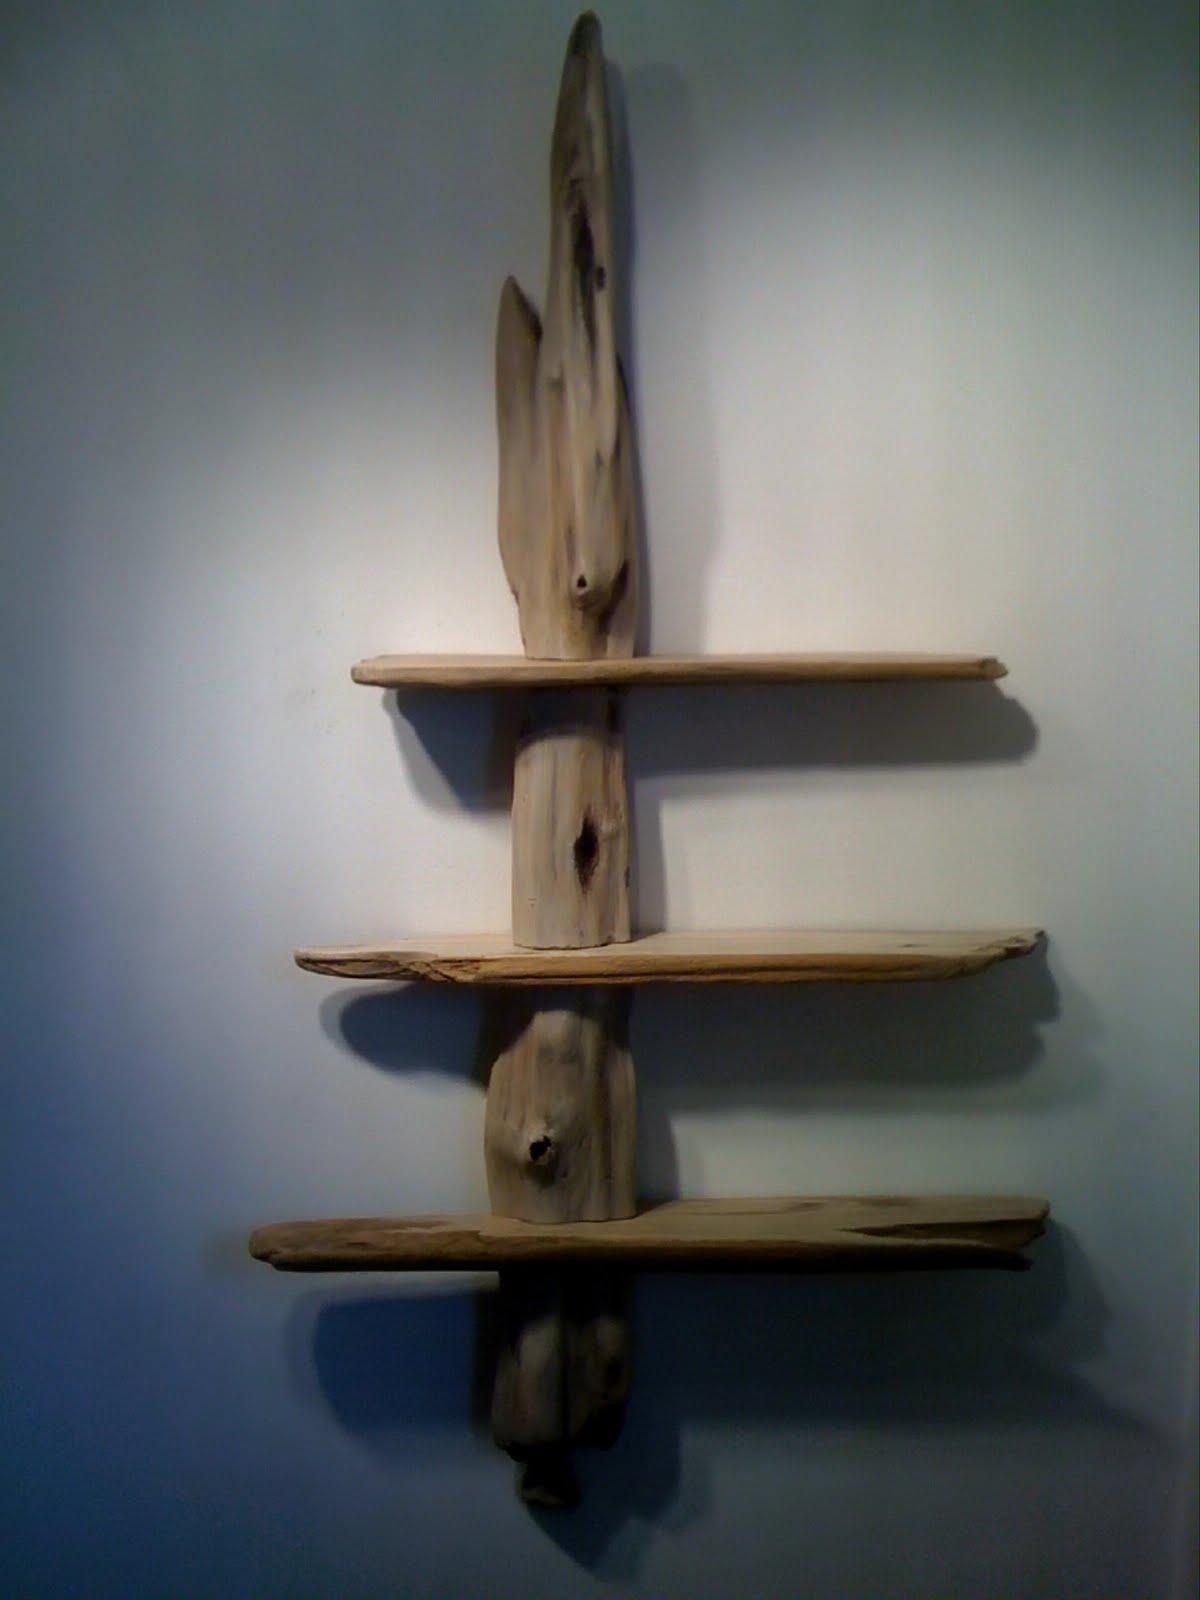 driftedge woodworking driftwood shelves sold